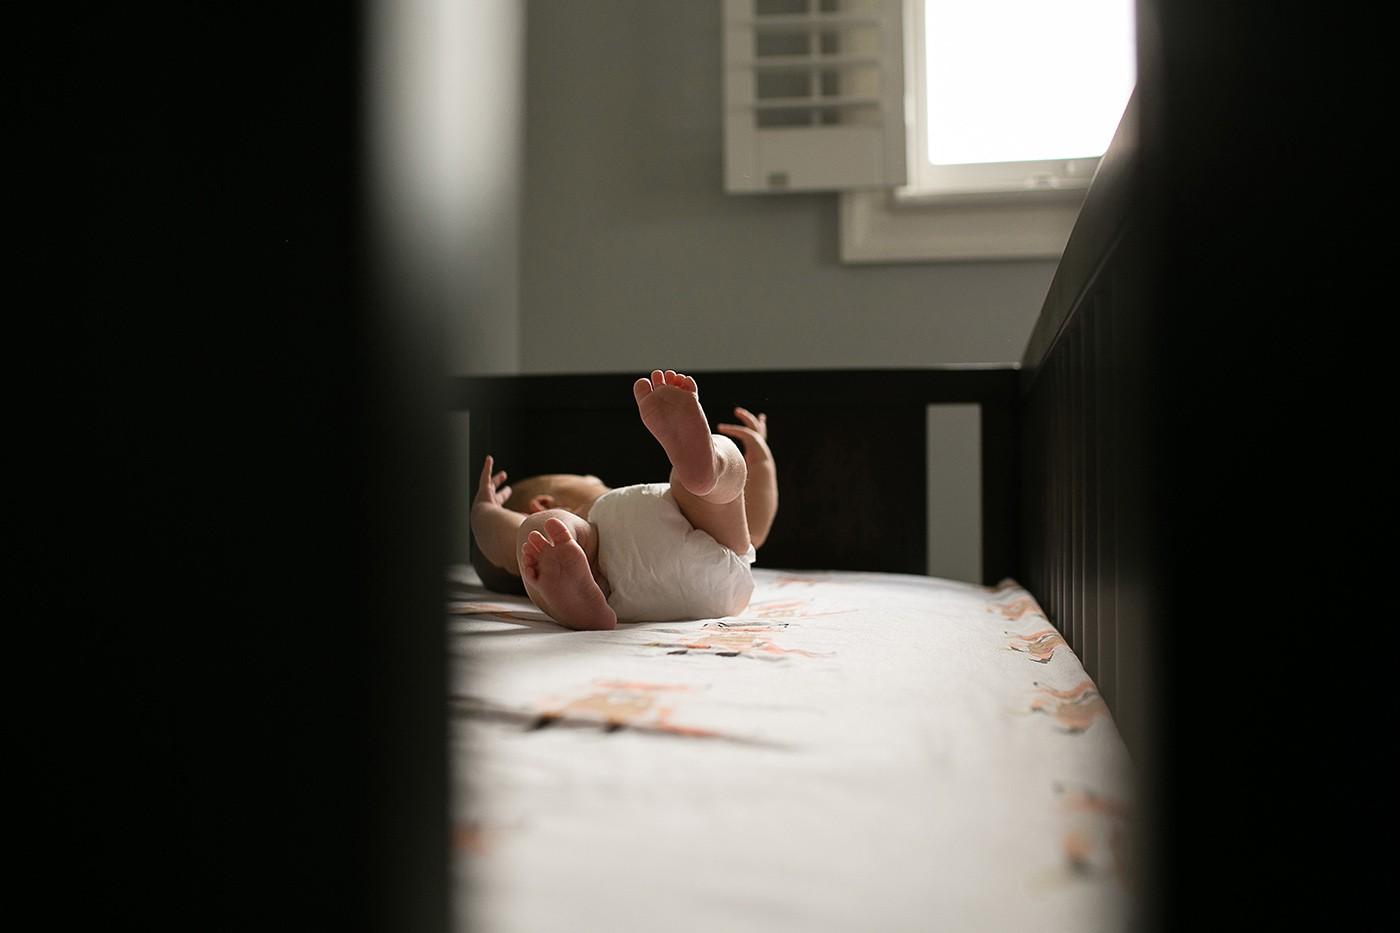 Someday These Feet by Kristin Dokoza